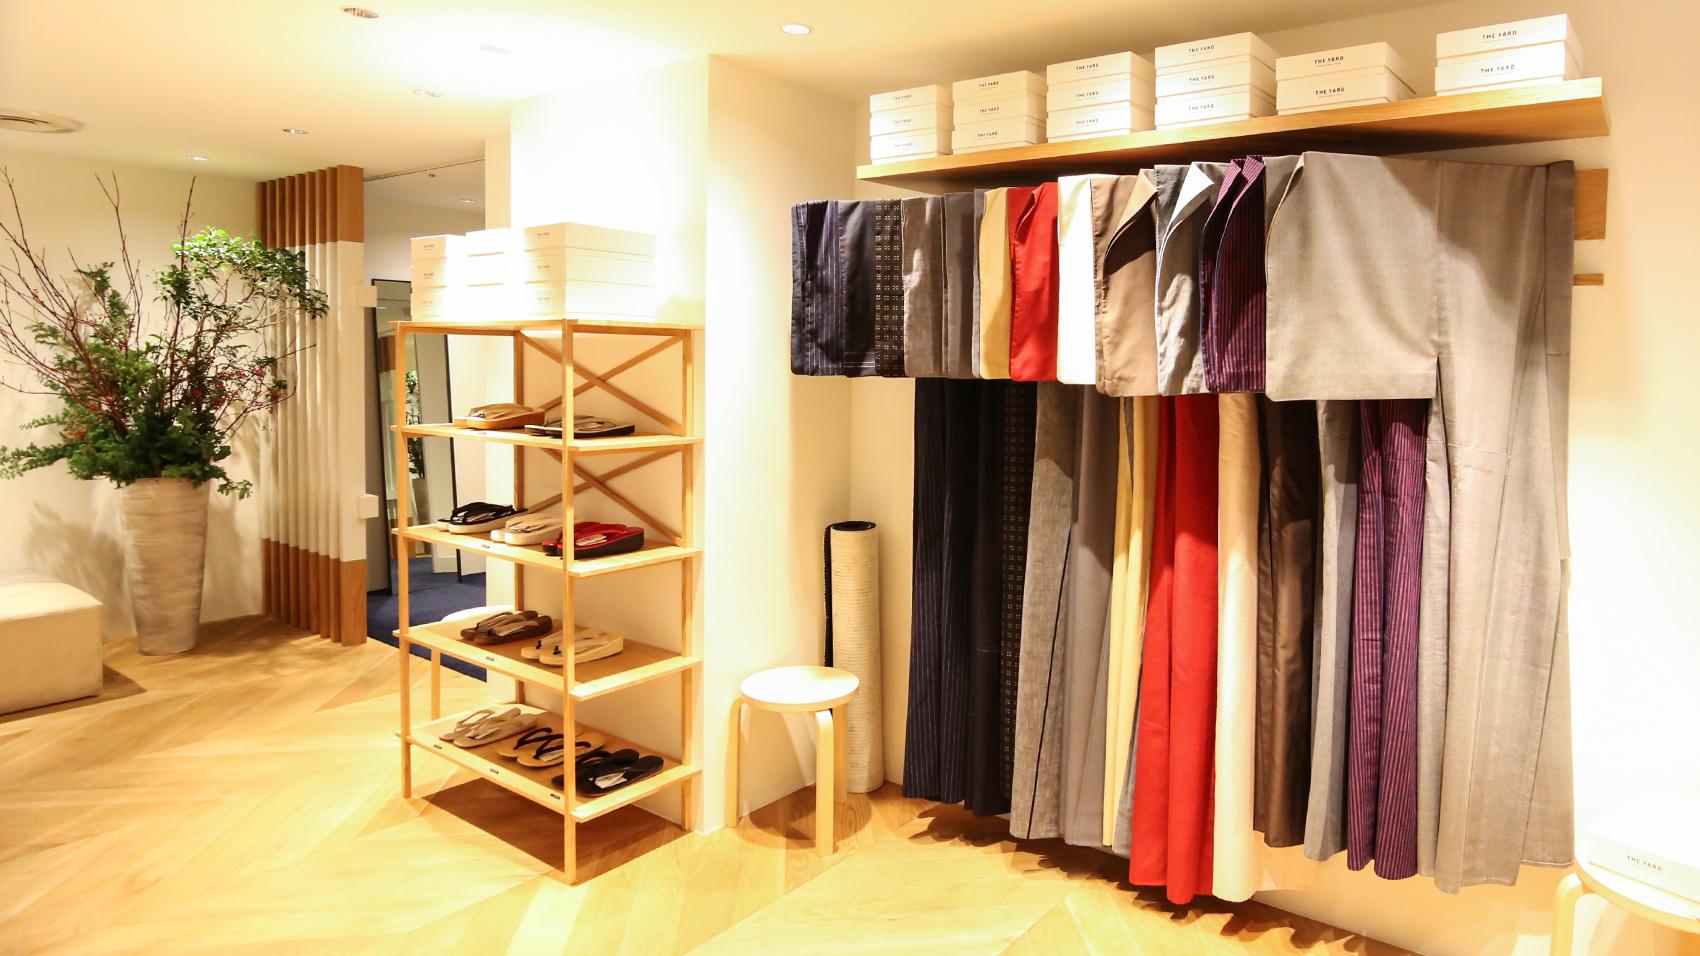 着物の帯レンタルやクリーニングなどのメンテナンスも充実している。